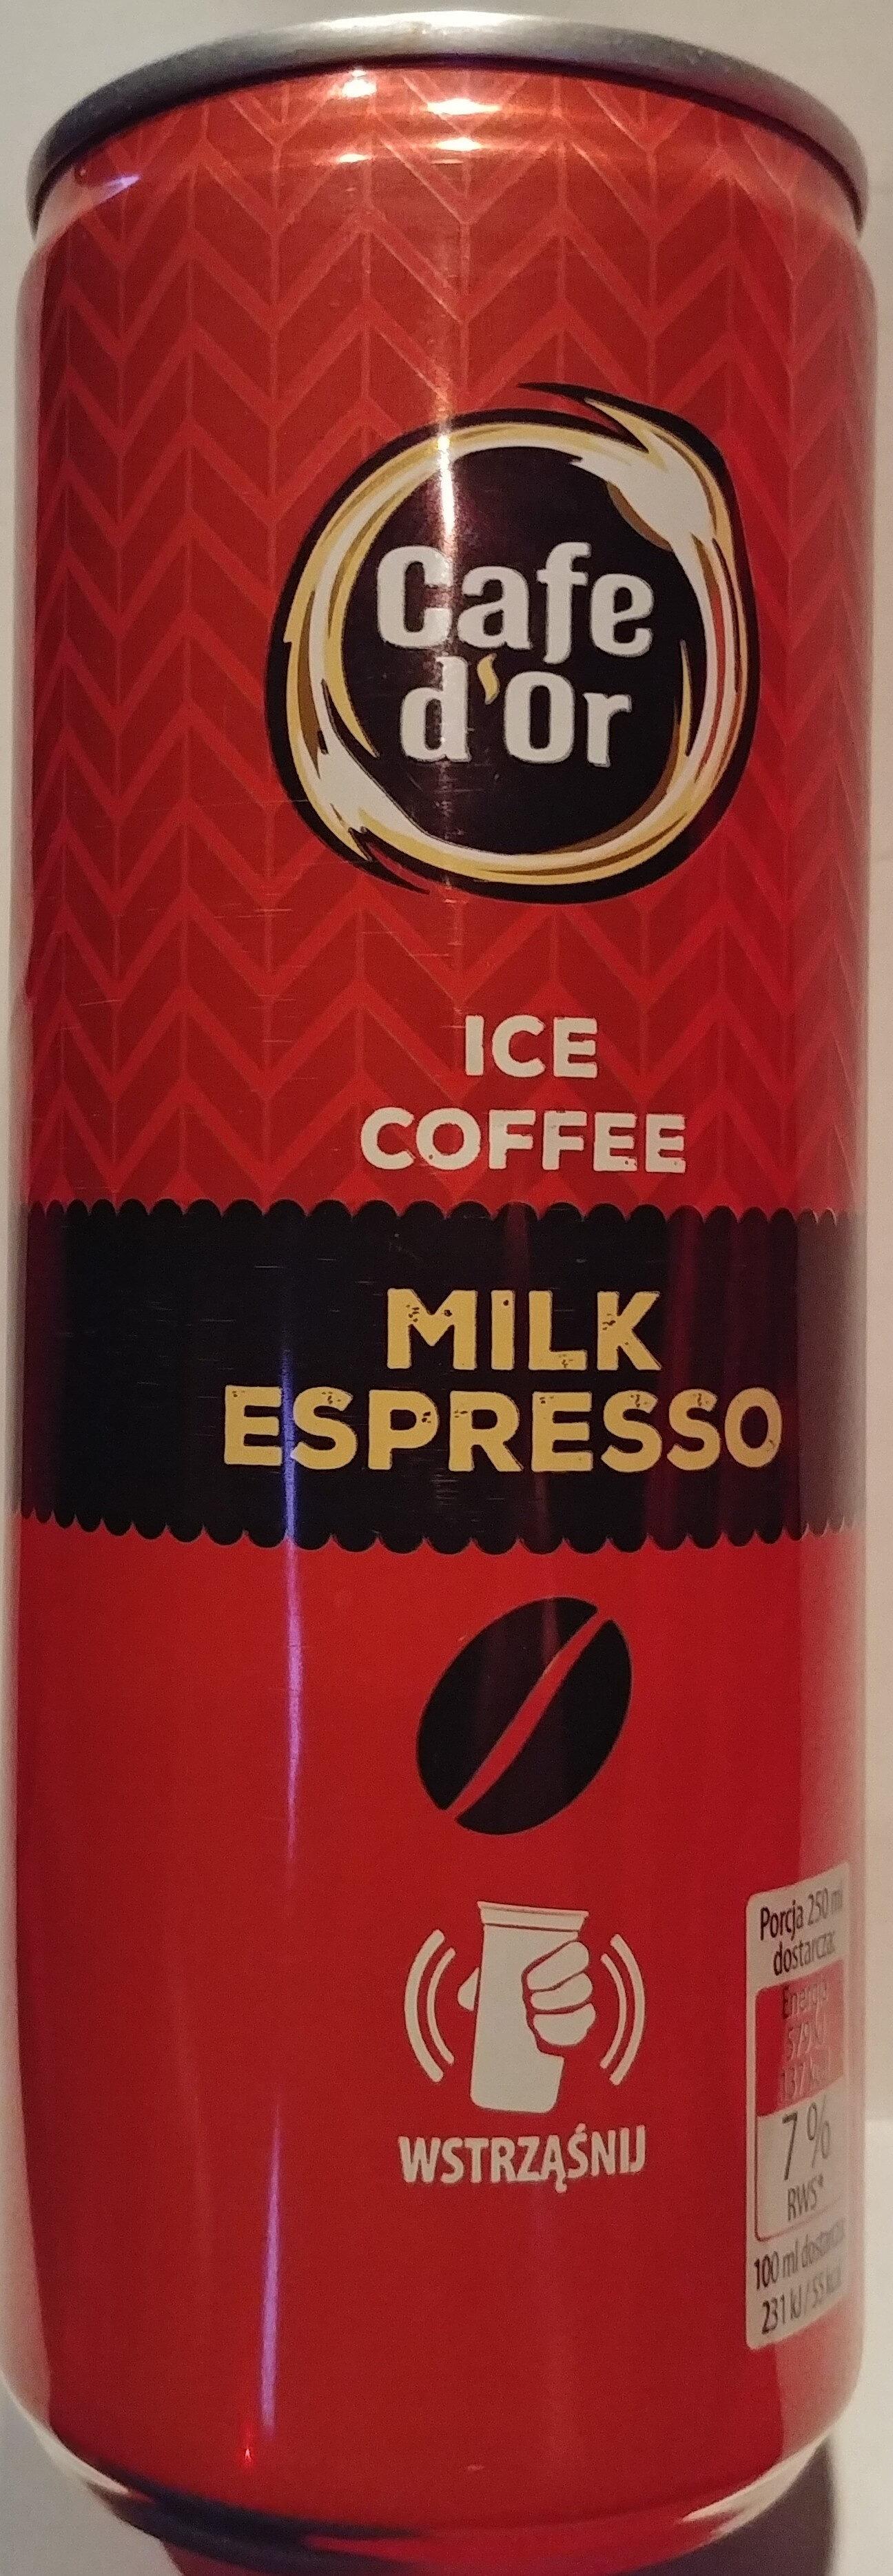 Napój mleczno-kawowy o smaku espresso. - Product - pl